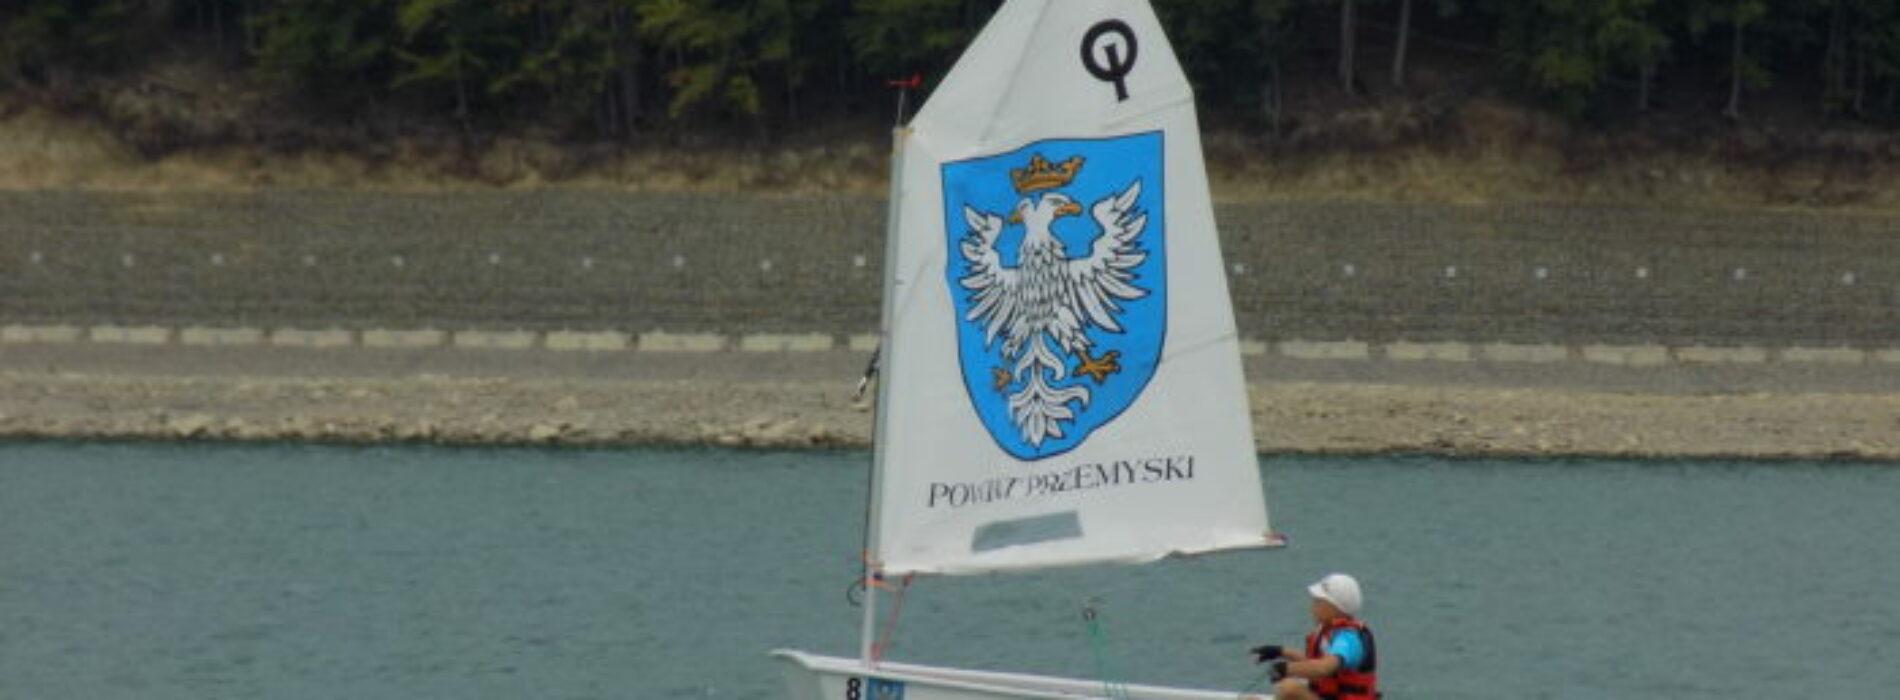 Przemyscy mali żeglarze na podium  w regatach o puchar